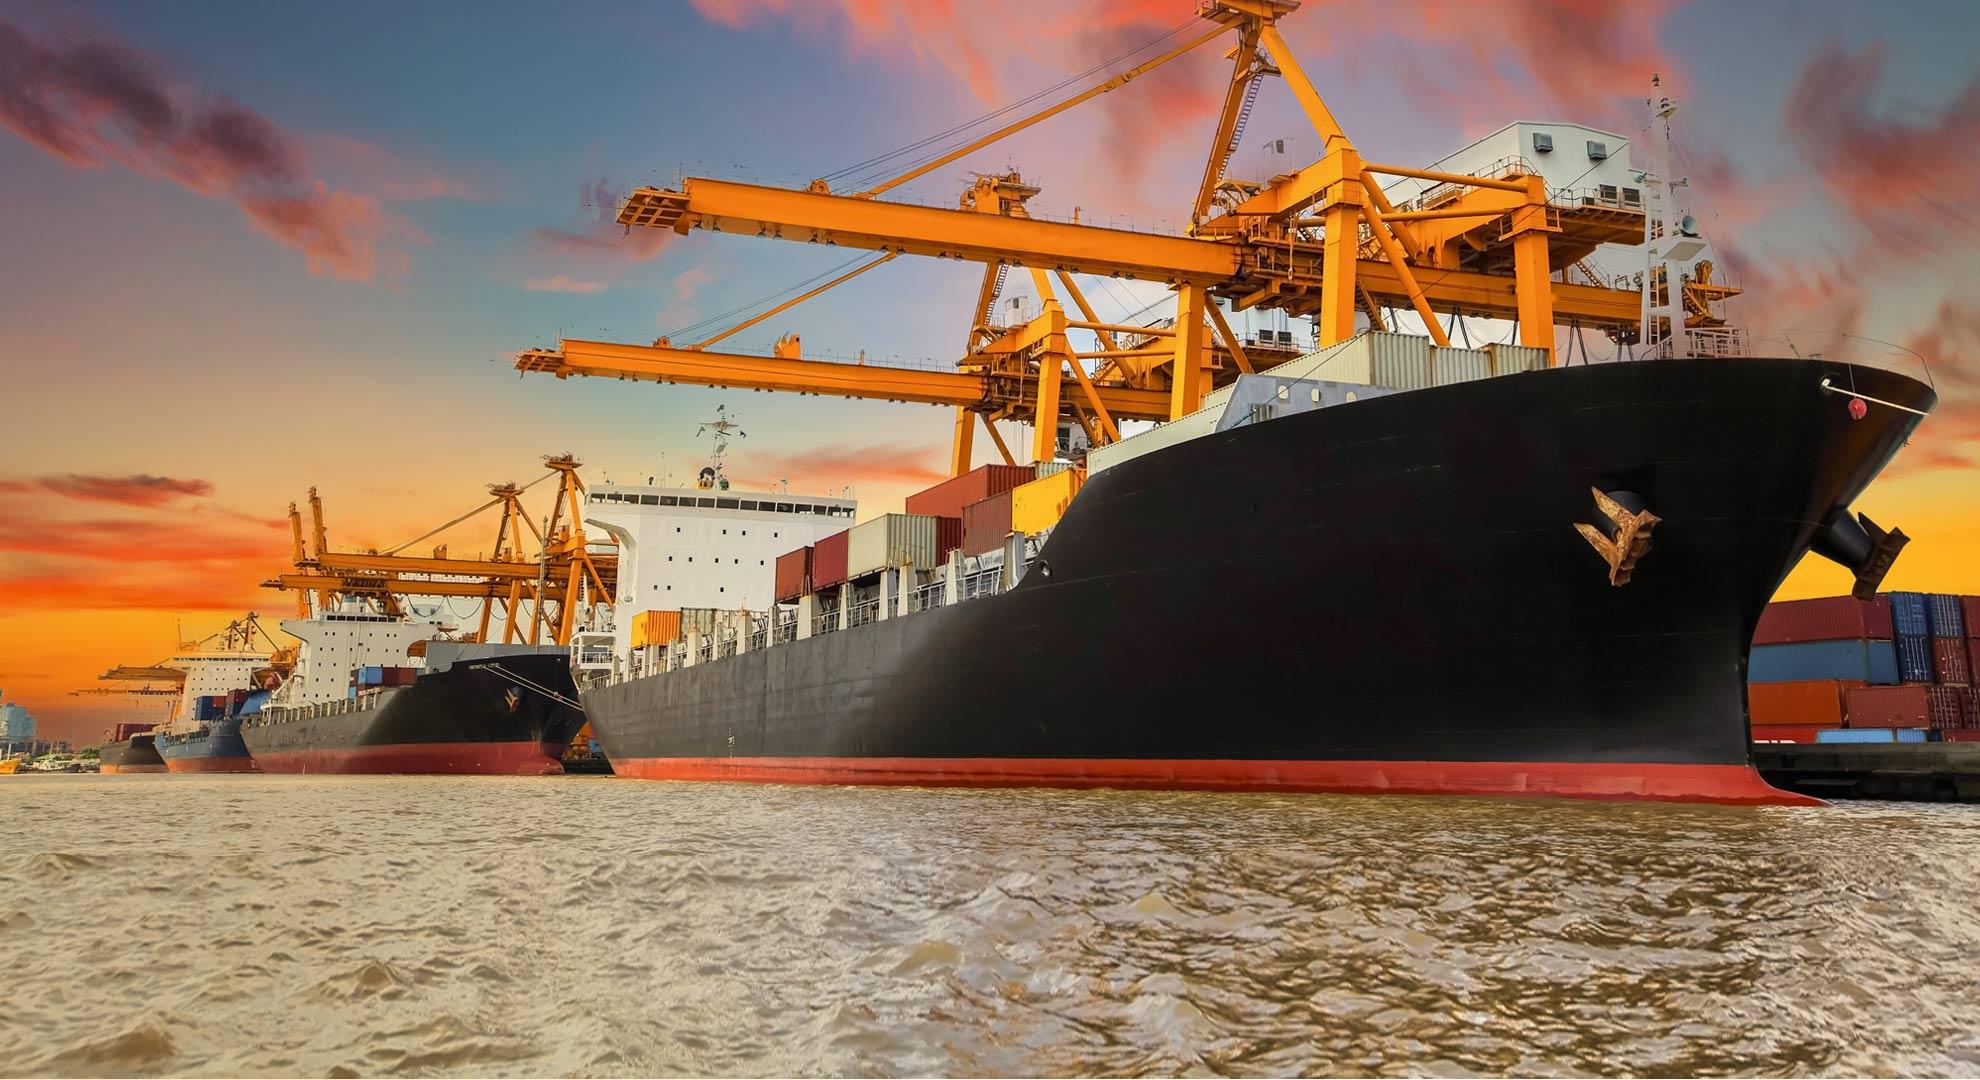 shipping_HD